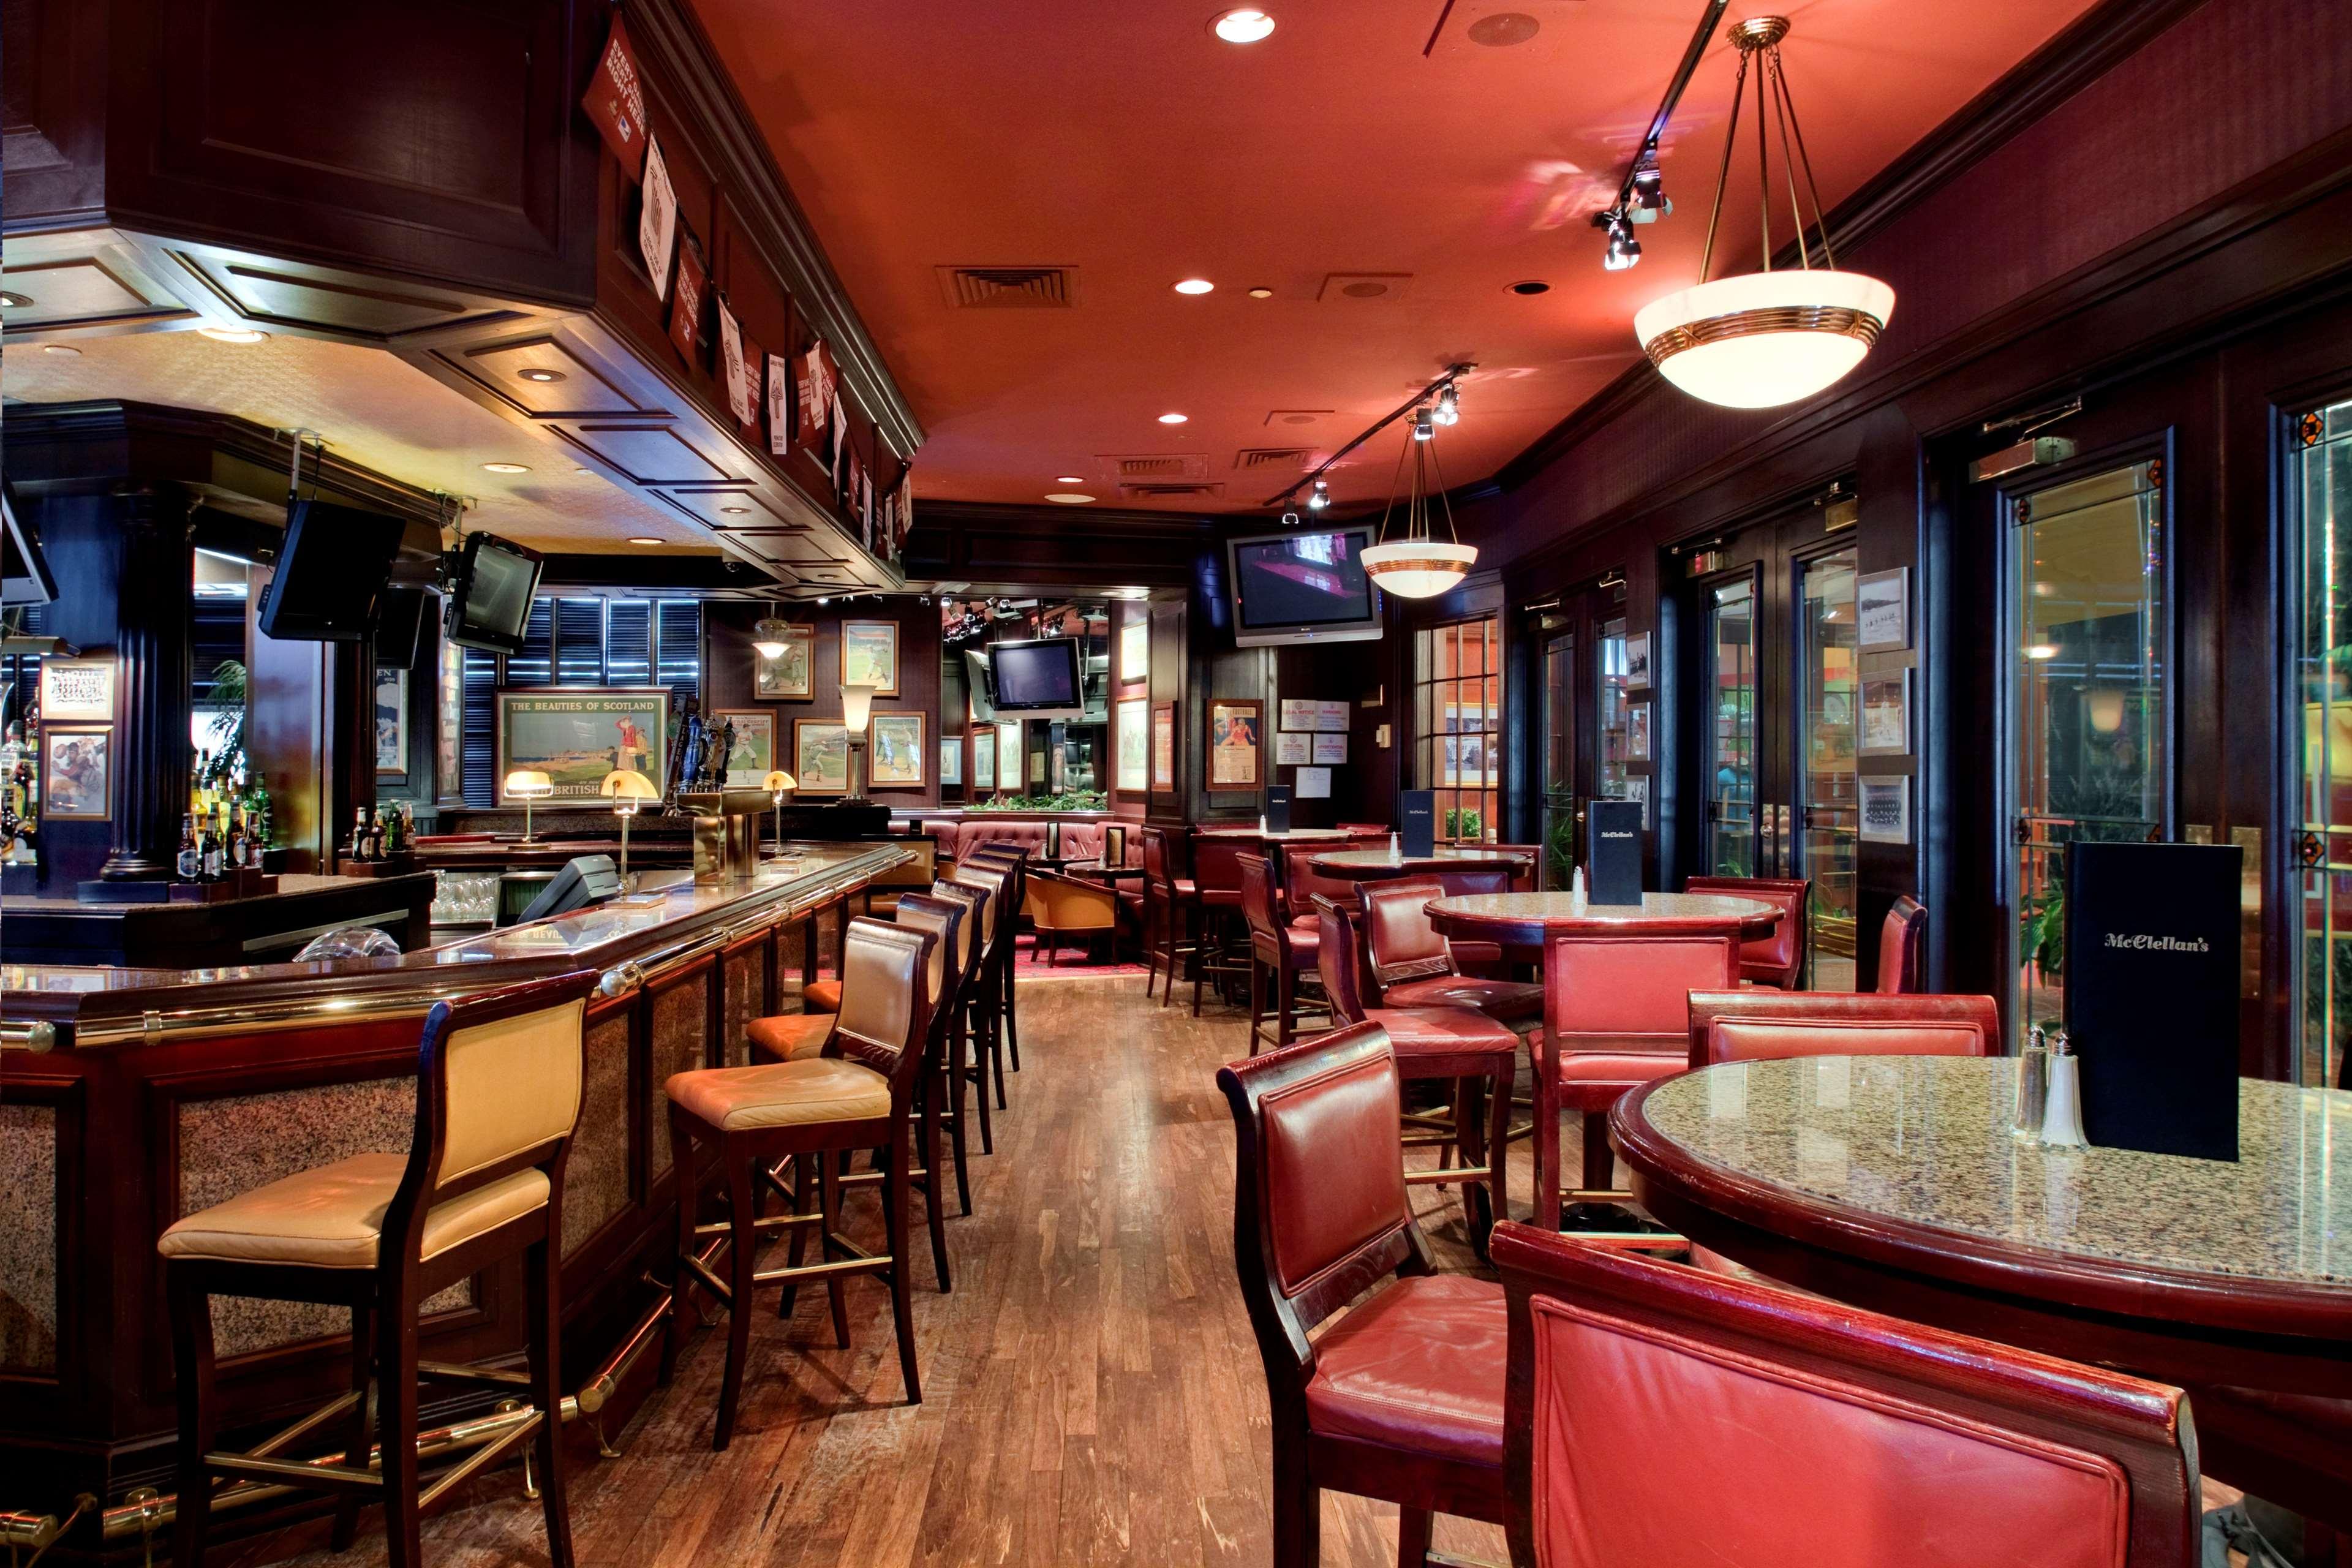 Washington Hilton image 7